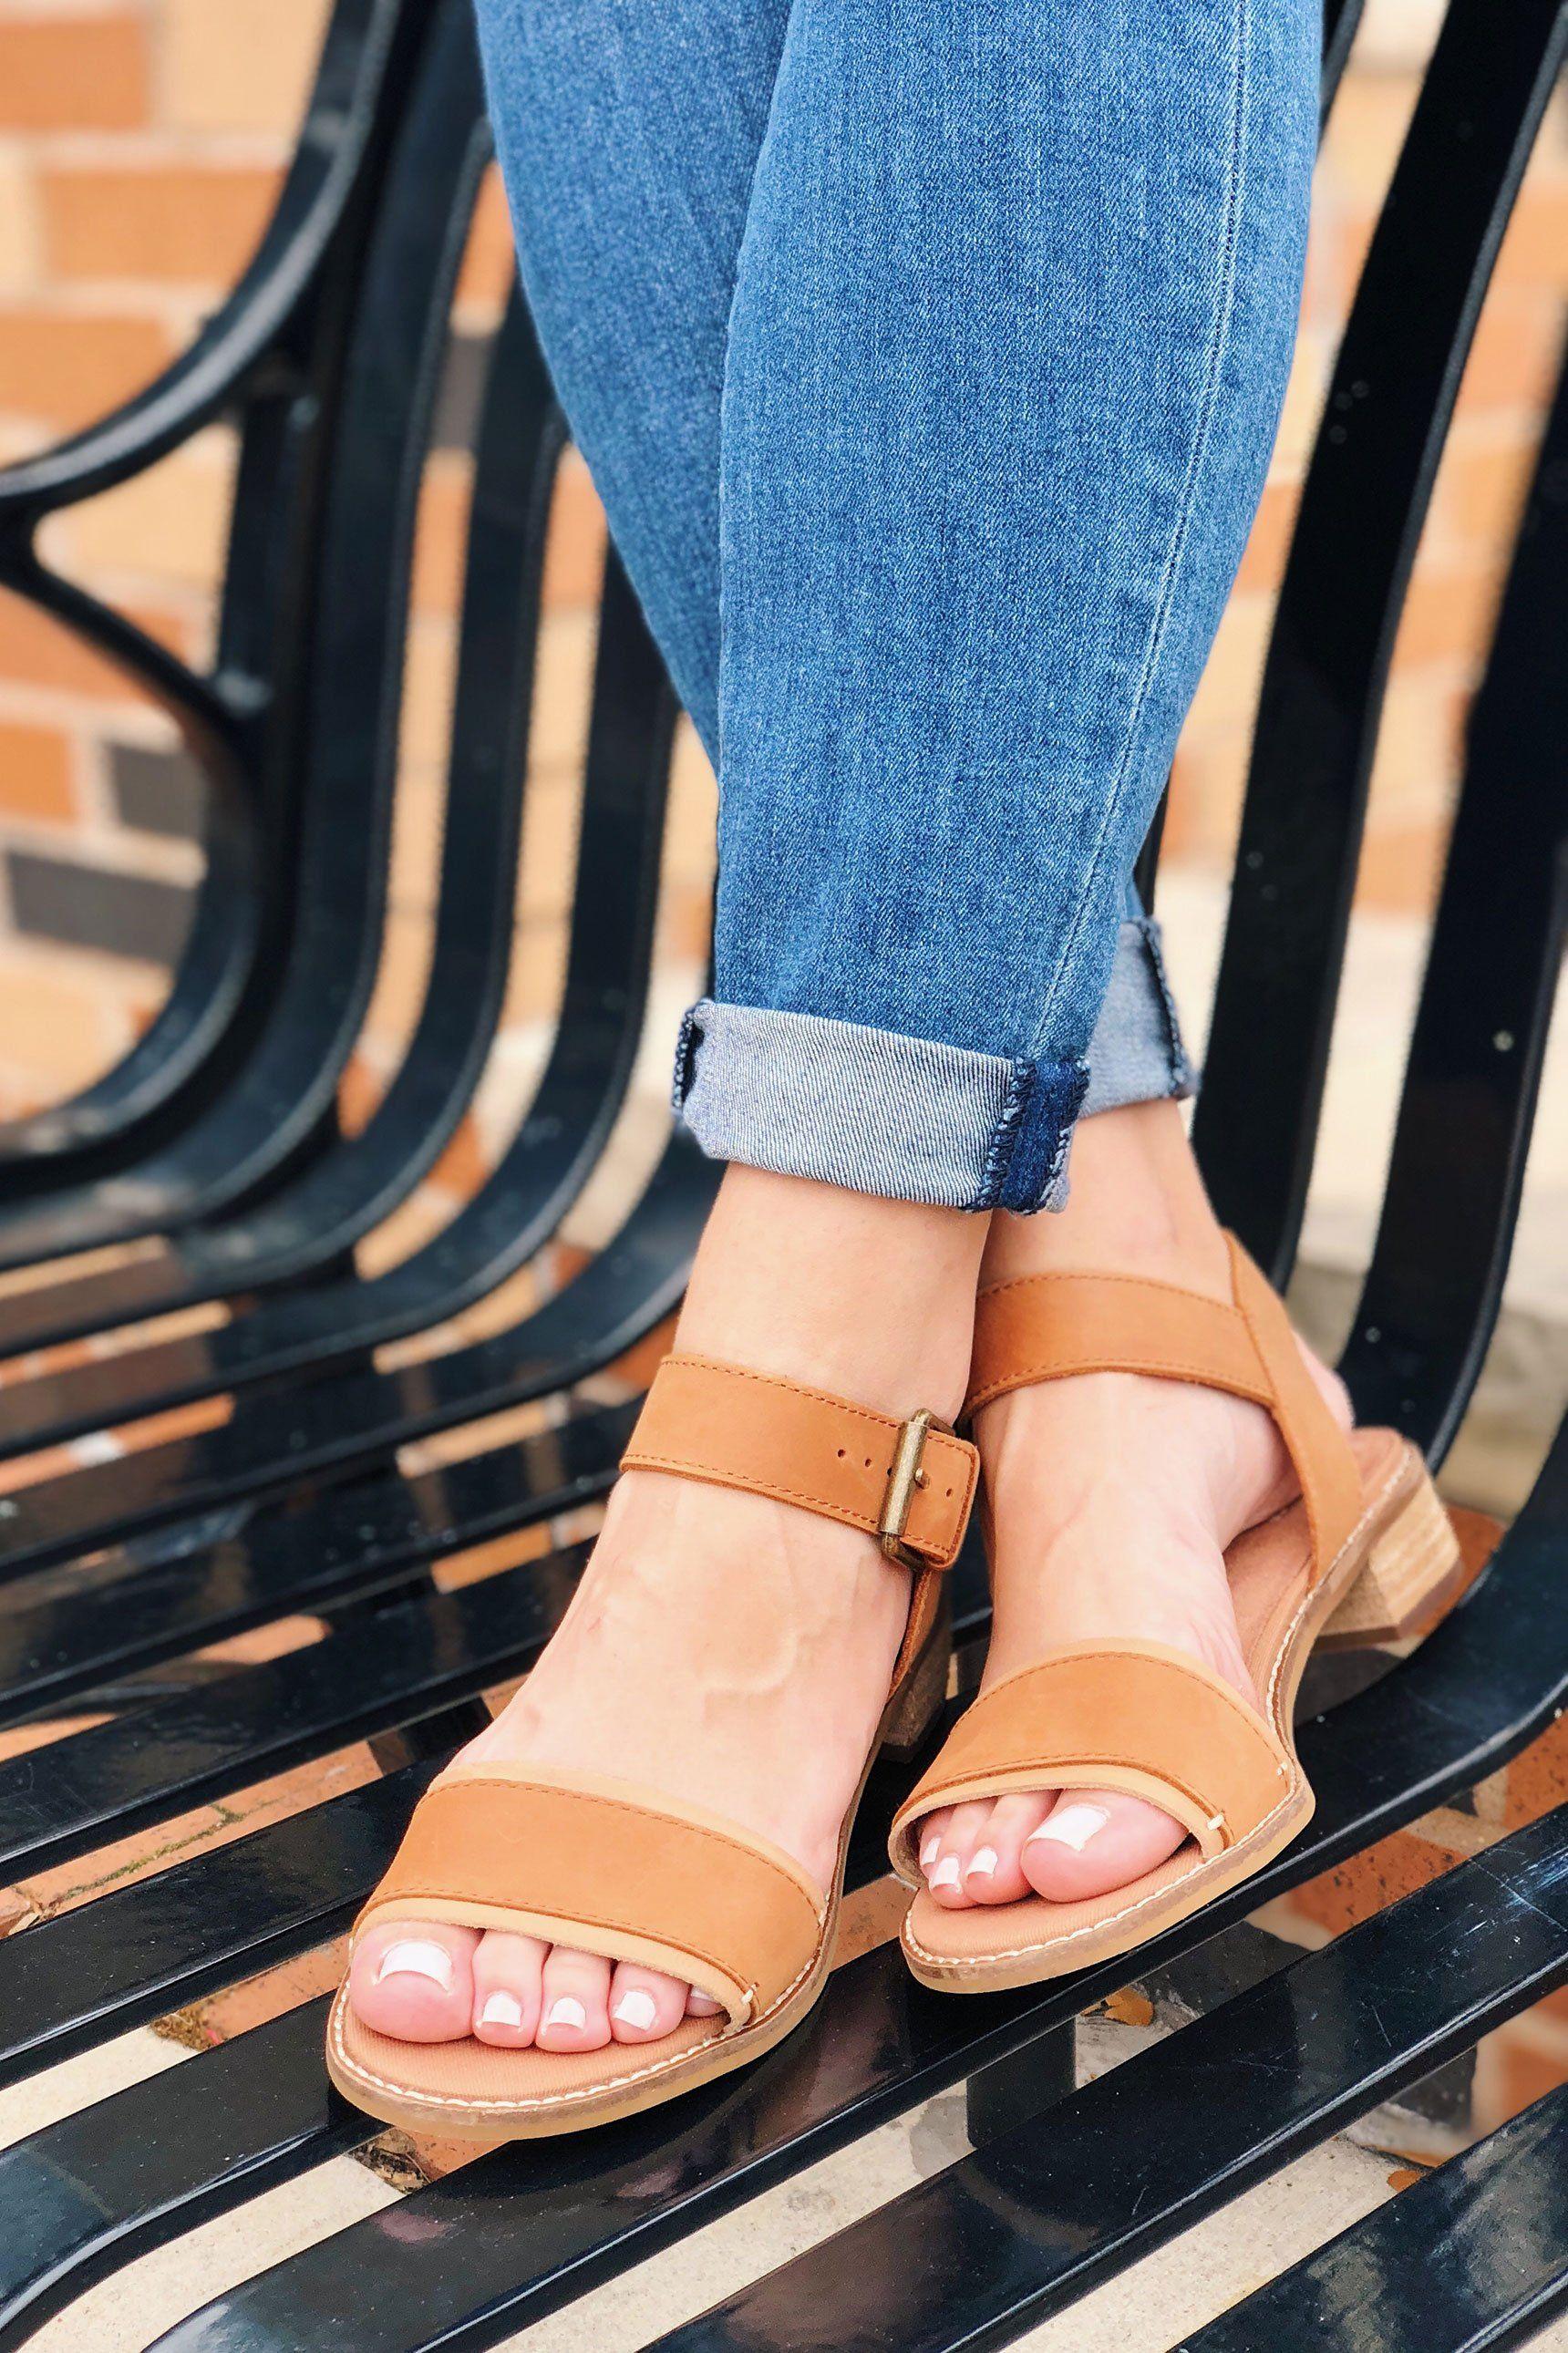 d7992712fc4 TOMS Tan Leather Camilia Sandals